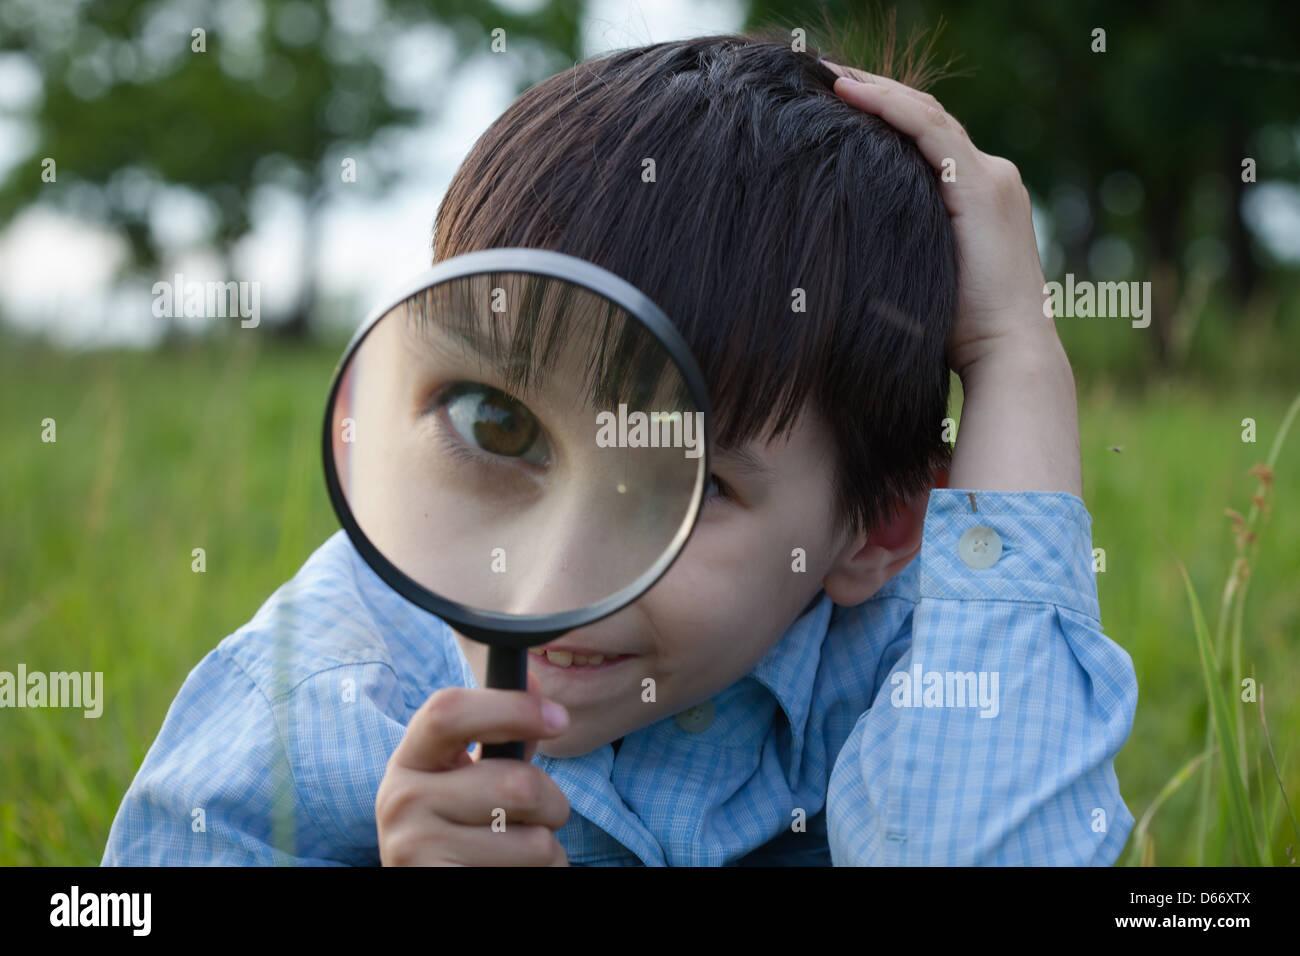 Niño con lupa recostados sobre el pasto Imagen De Stock